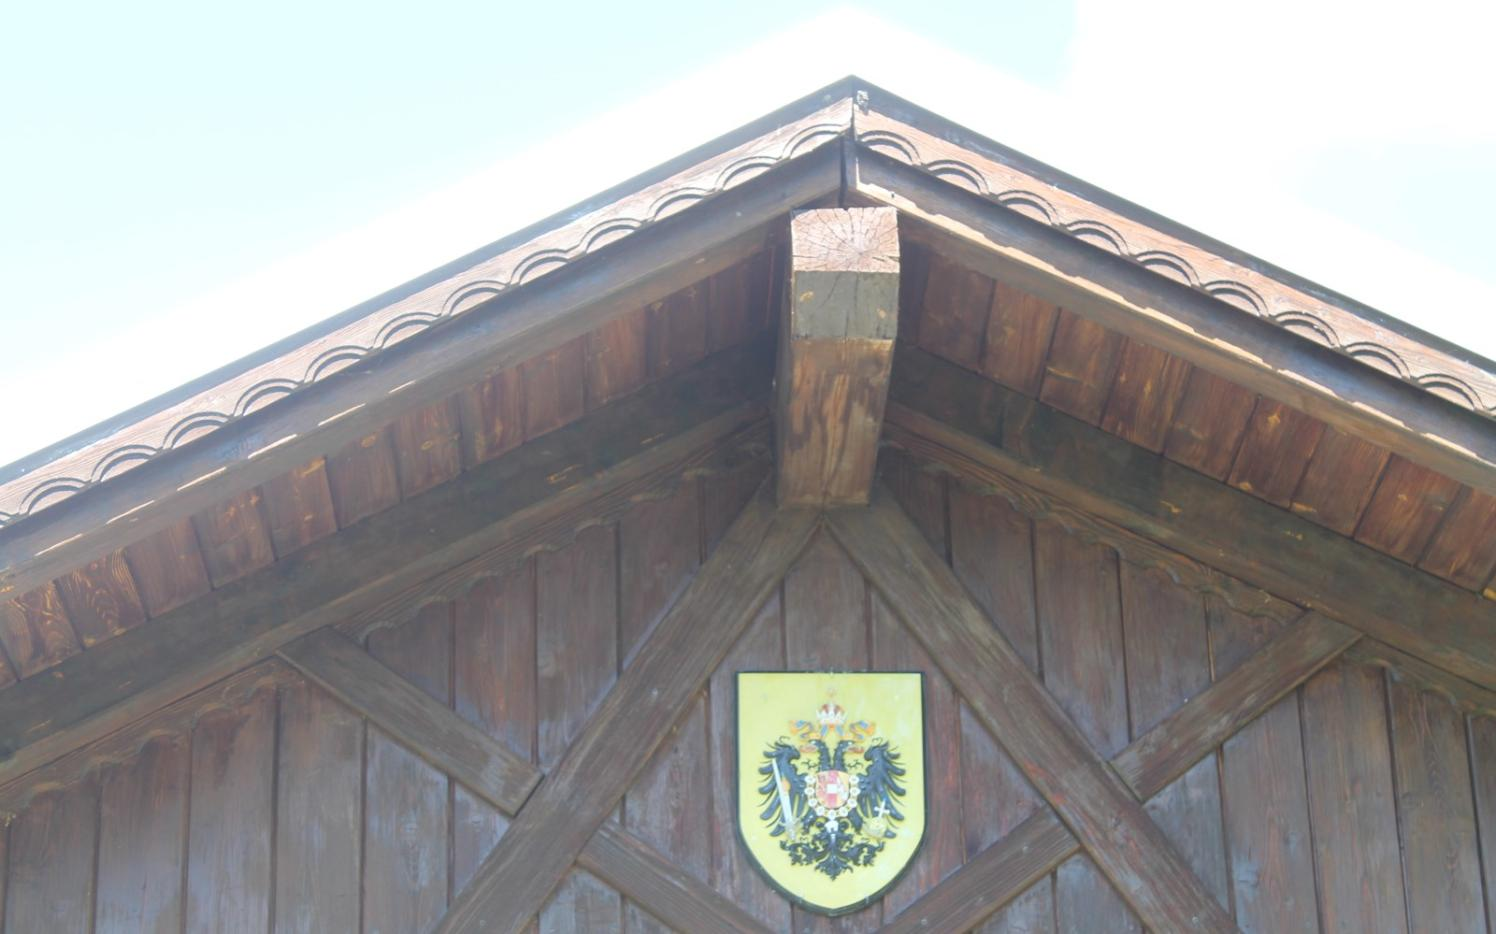 2015_Algund Malga Colo Süd Front Welsch Tirol_Gedenkkreuz Standschützen (4)